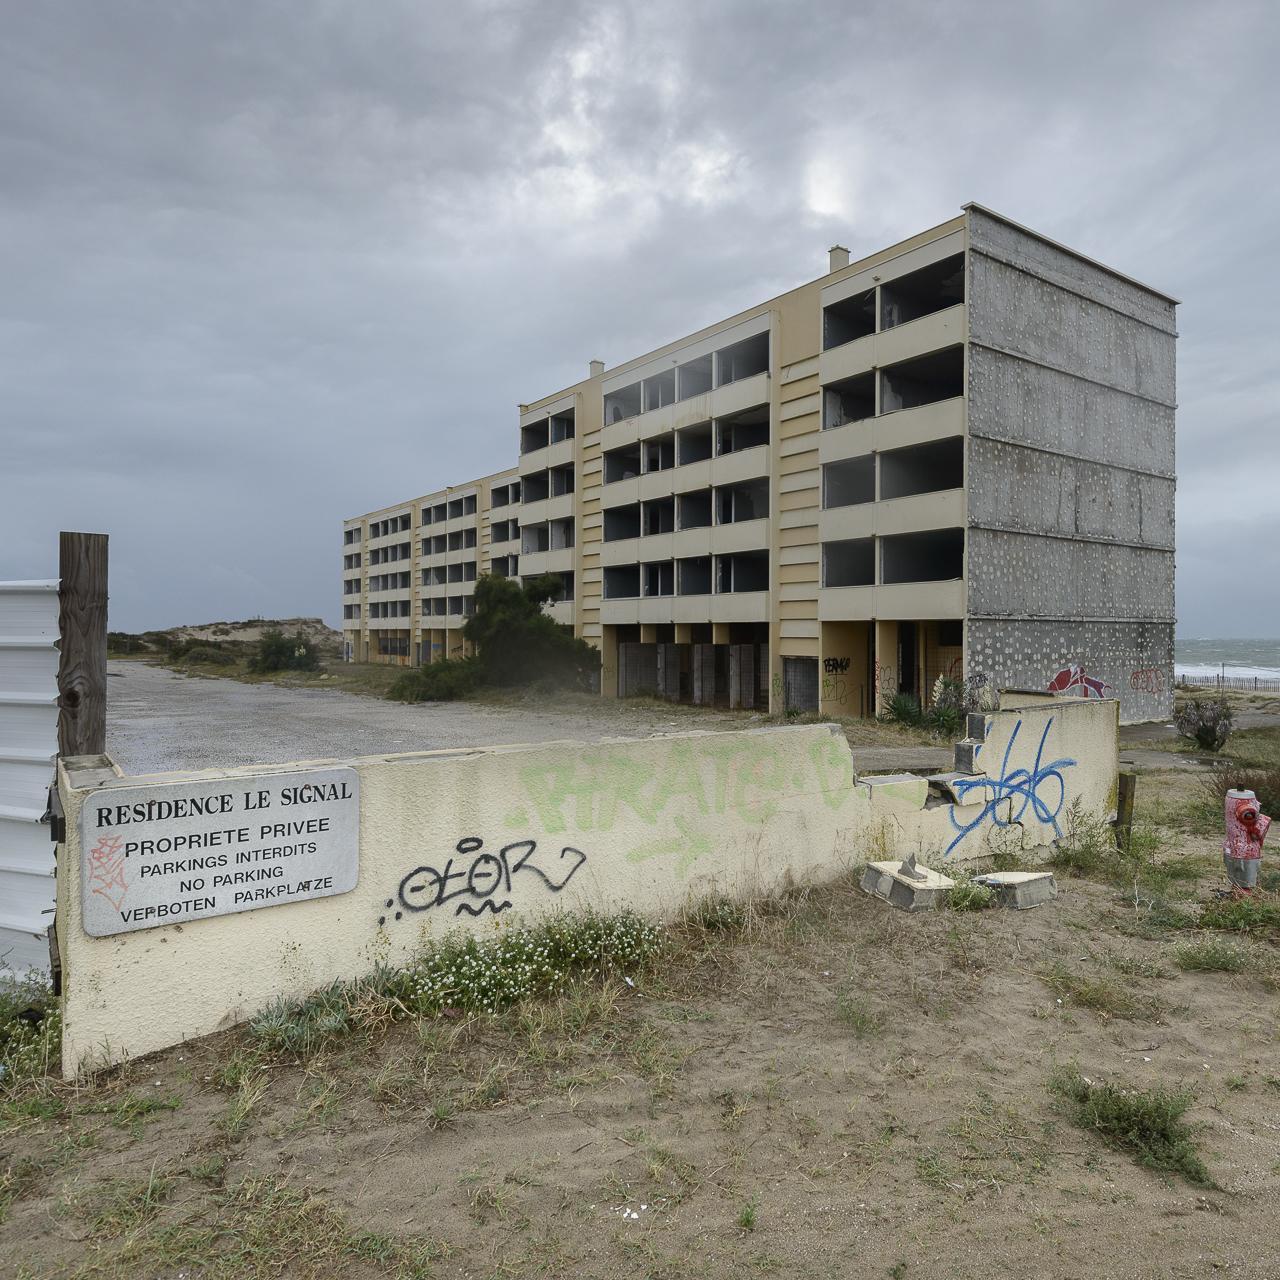 La résidence Le Signal, construite en 1965 a été évacuée en 2014 raison de l'avancée de l'Ocean Atlantique de plus de 200 metres depuis la construction.